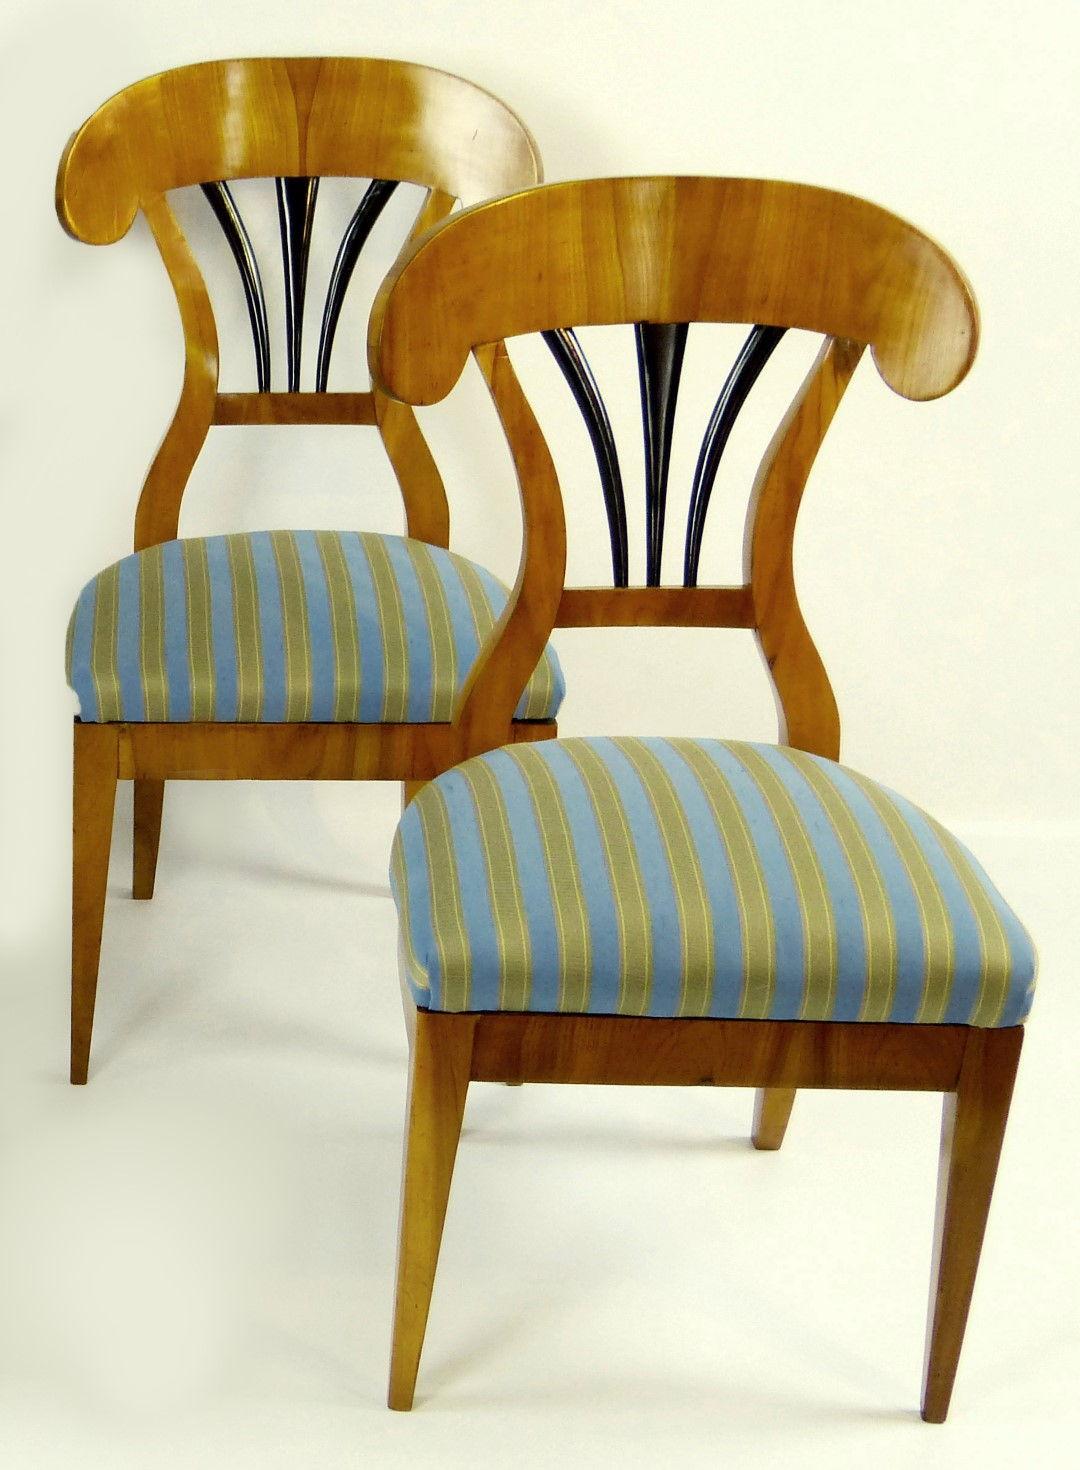 Antique furniture | antique cupboards | antique tables | antique  comfortable | antique chairs | antique bookcases | antique sofas |  Antiquities - Antique Furniture Antique Cupboards Antique Tables Antique